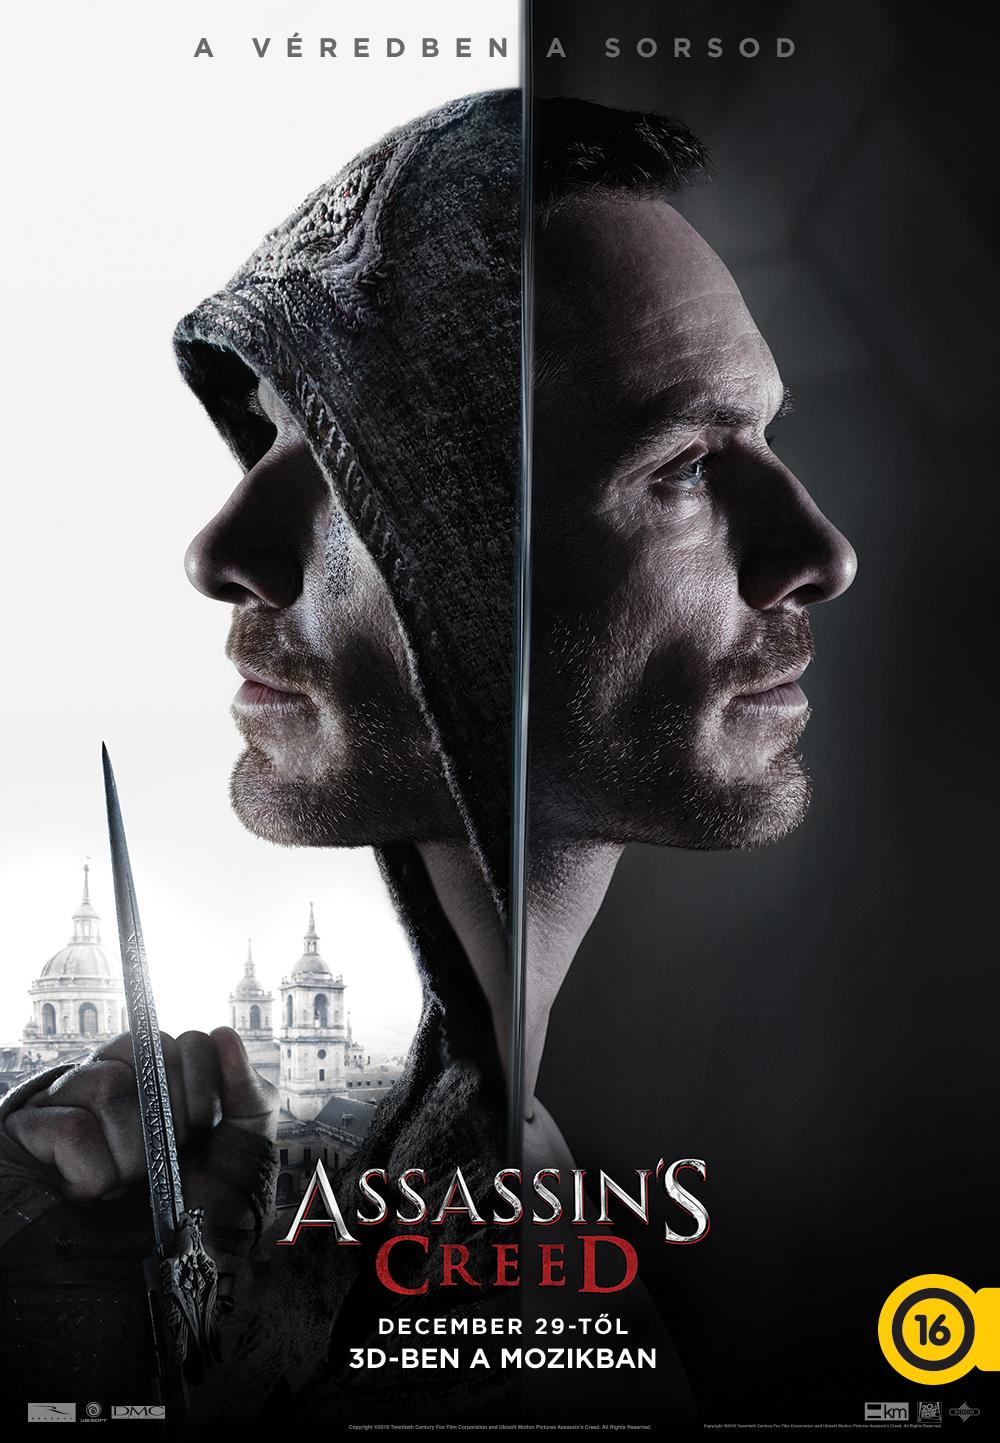 assassinscreed_hun_p3.png